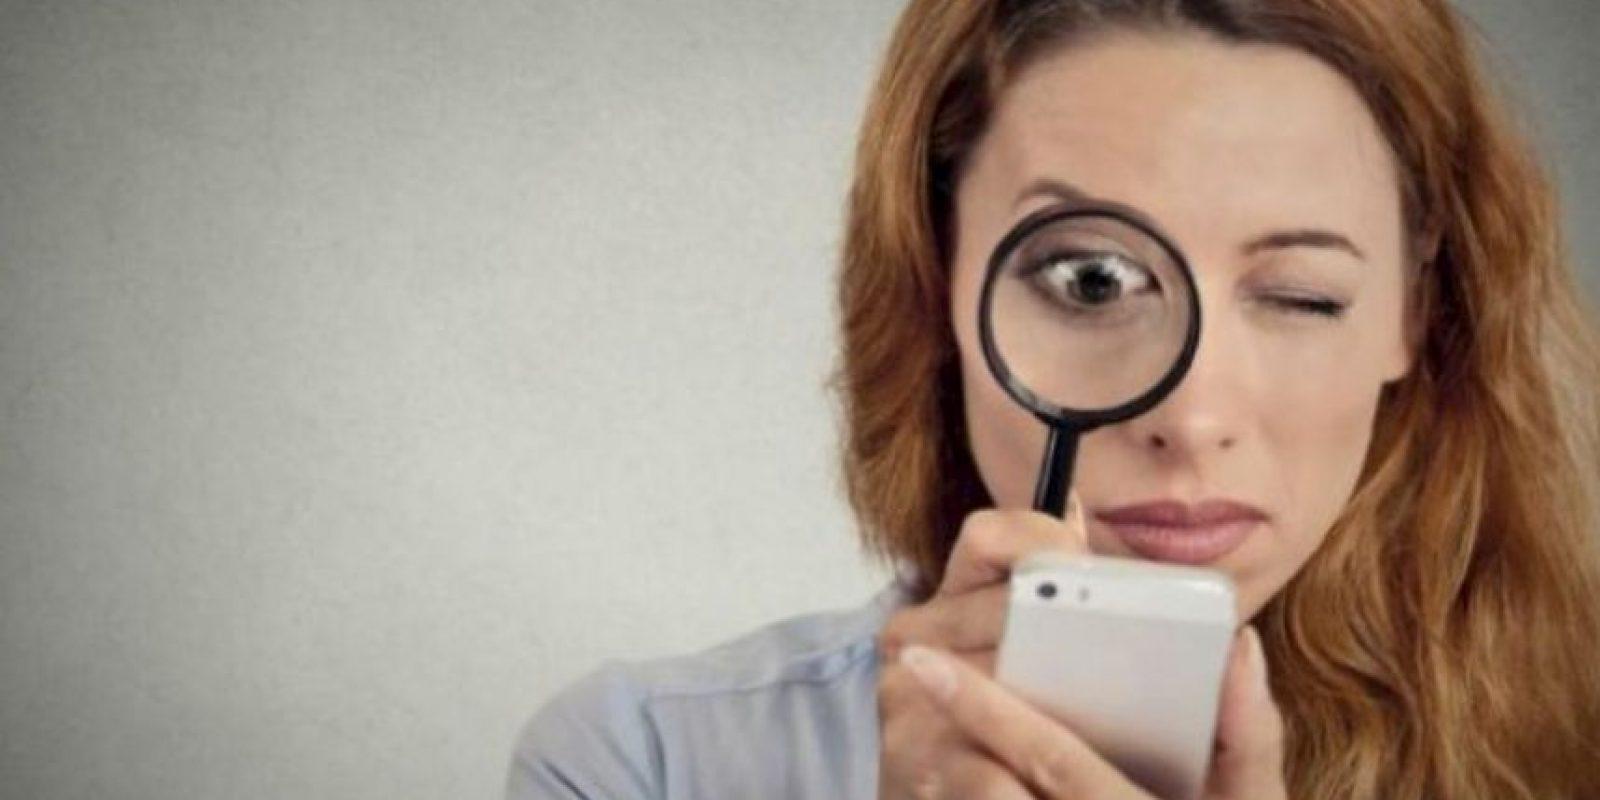 Como usuario de un sitio seguro pueden bloquear a quien los está acosando y reportar a la persona al equipo de seguridad del sitio si su conducta les resulta amenazadora. Foto:vía Getty Images